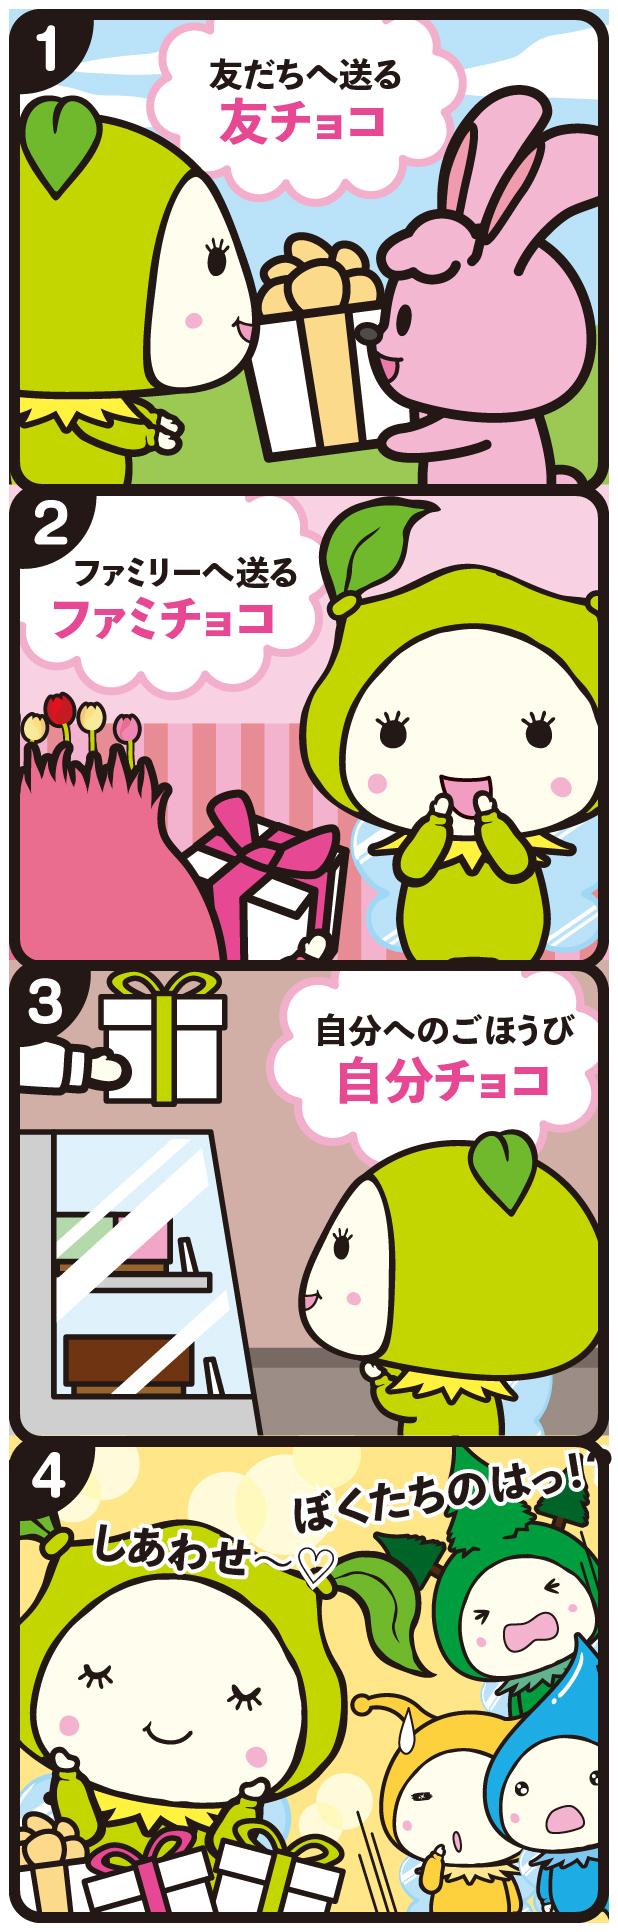 comic_221